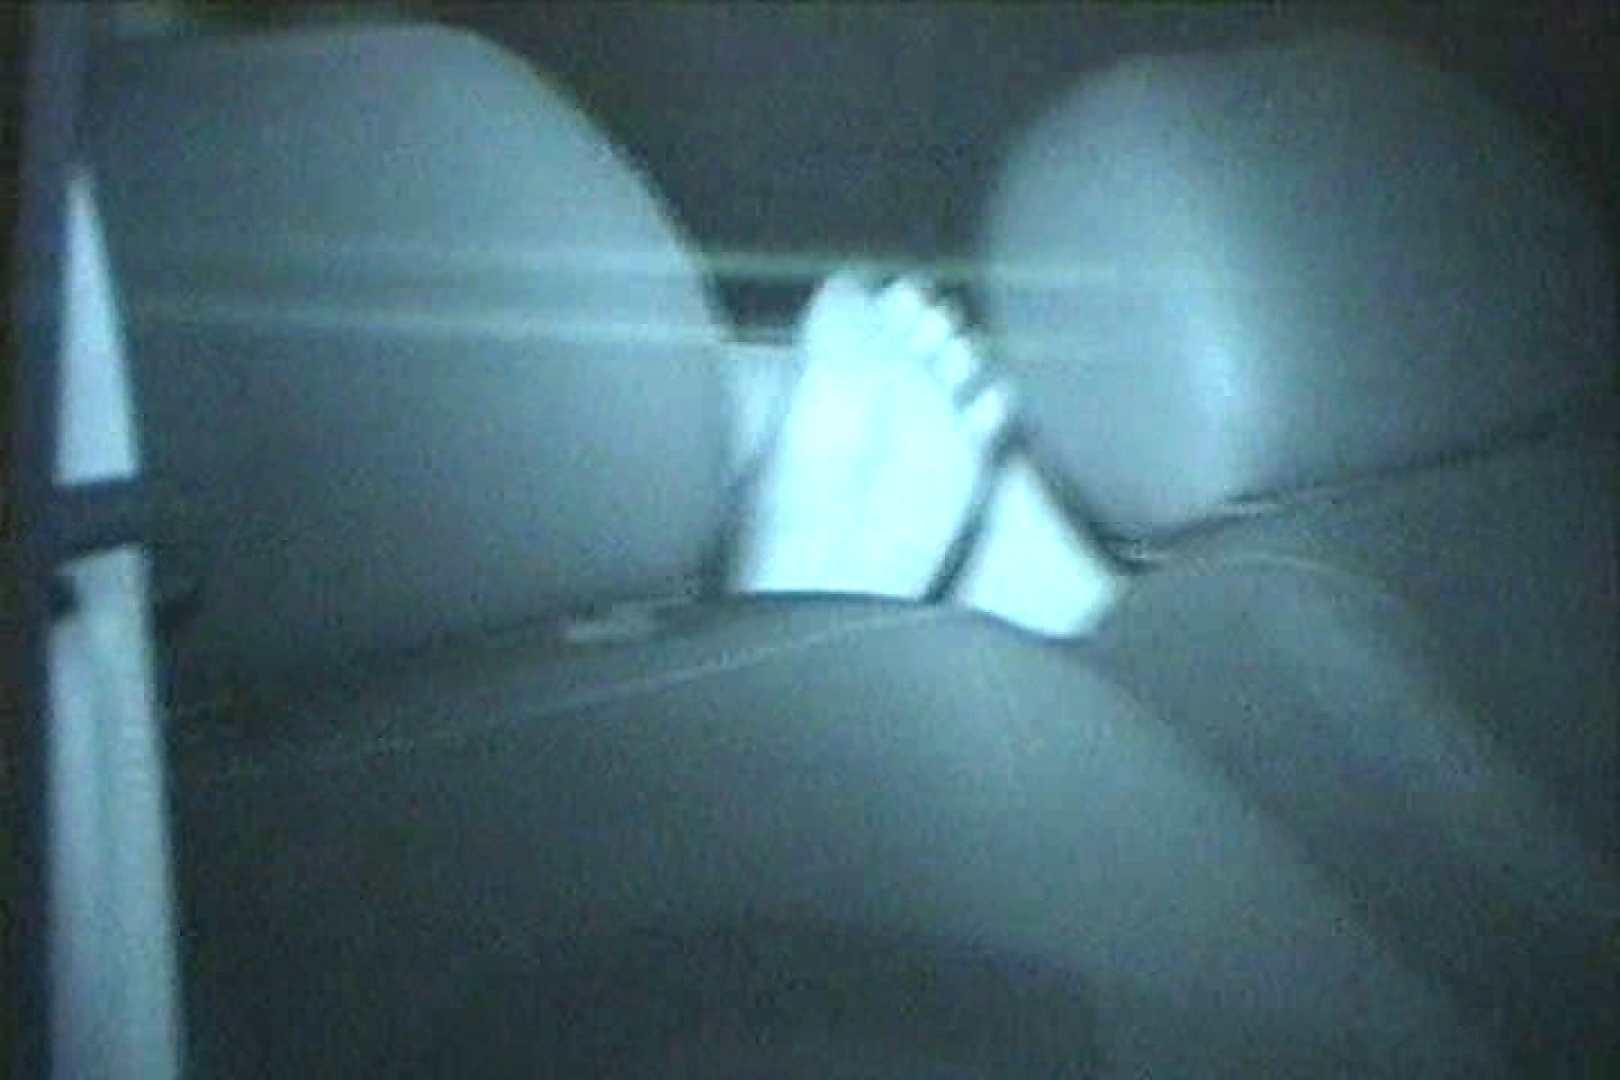 車の中はラブホテル 無修正版  Vol.24 エッチなセックス われめAV動画紹介 102画像 101